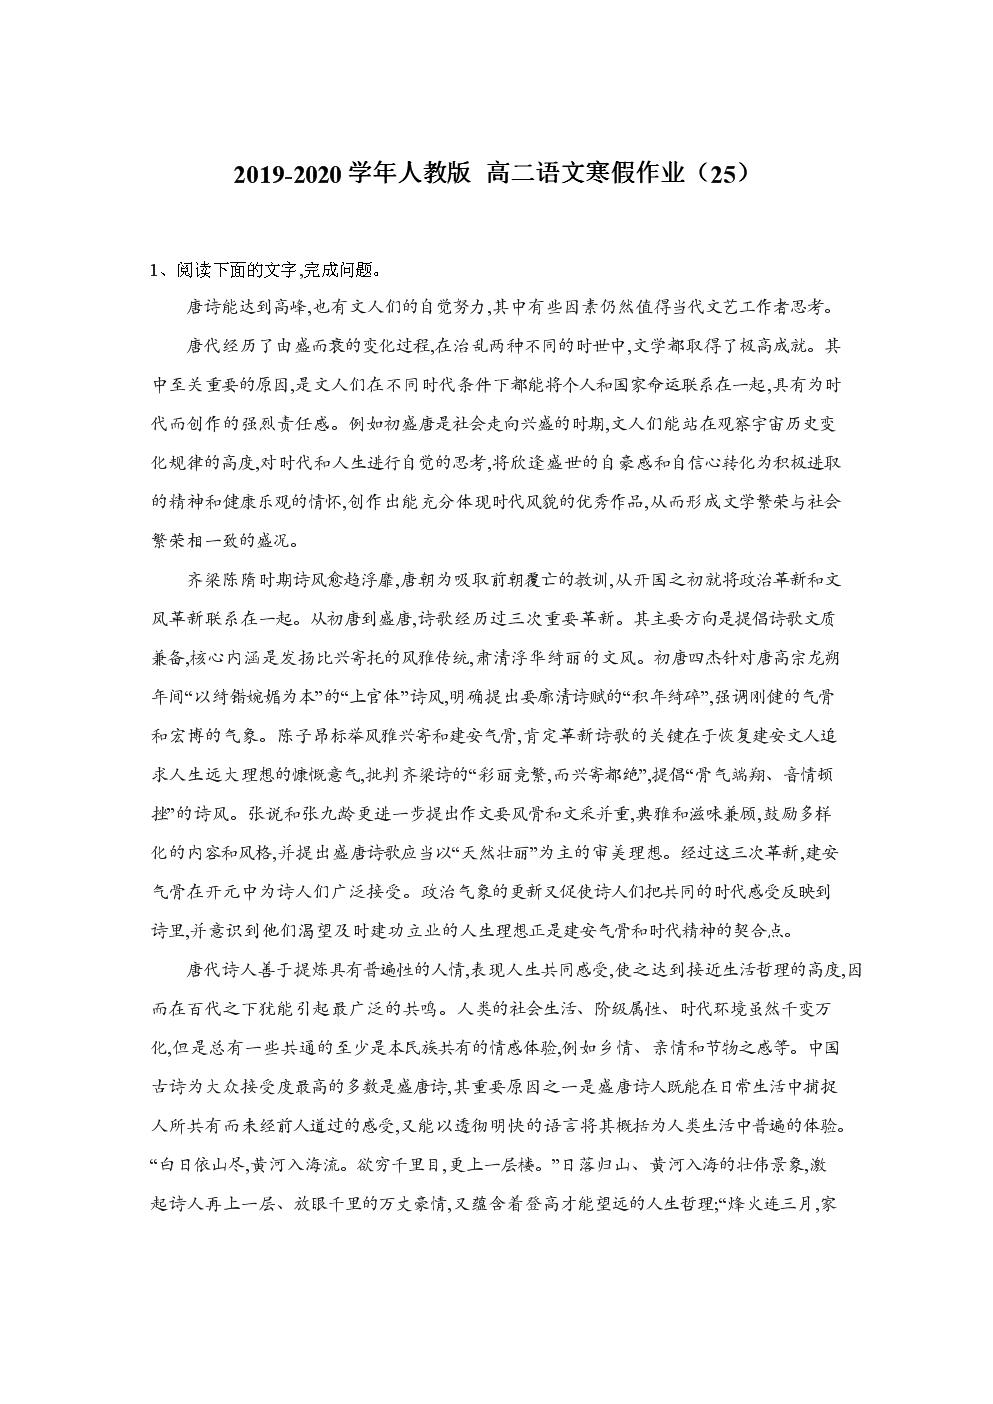 2019-2020学年人教版 高二语文寒假作业(25) Word版含答案.doc